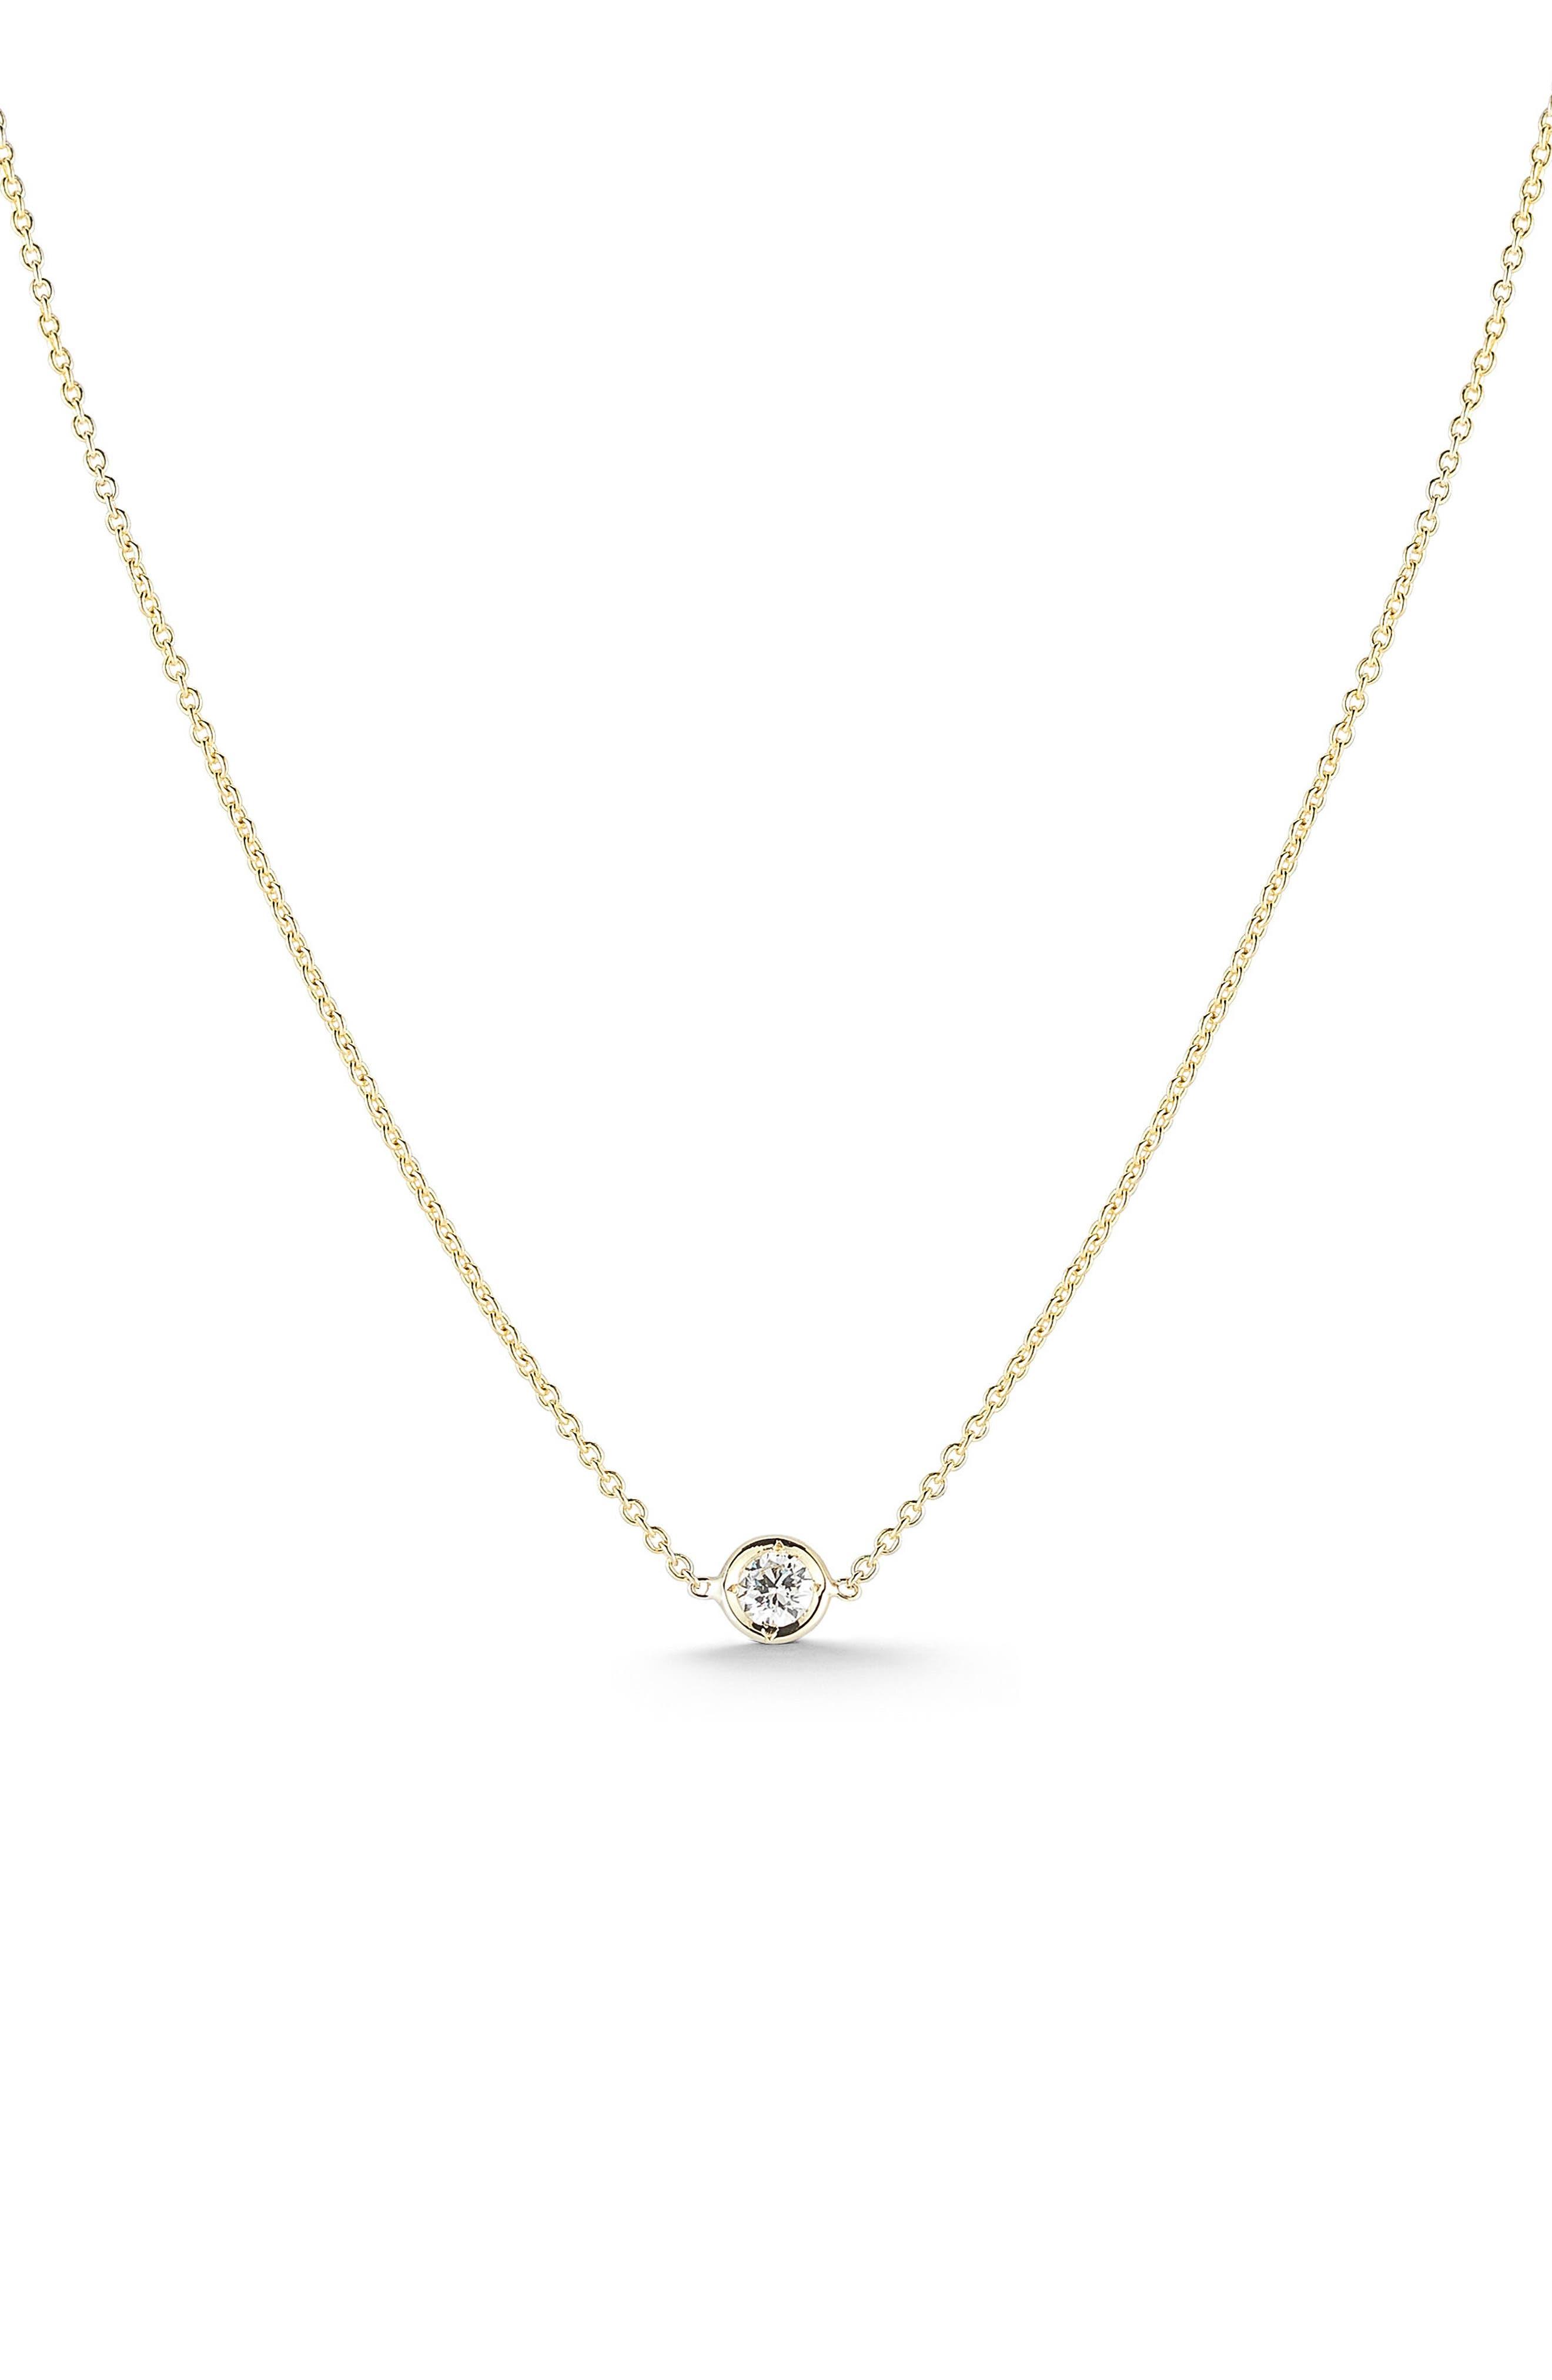 Tiny Treasures Diamond Bezel Necklace,                             Main thumbnail 1, color,                             Yellow